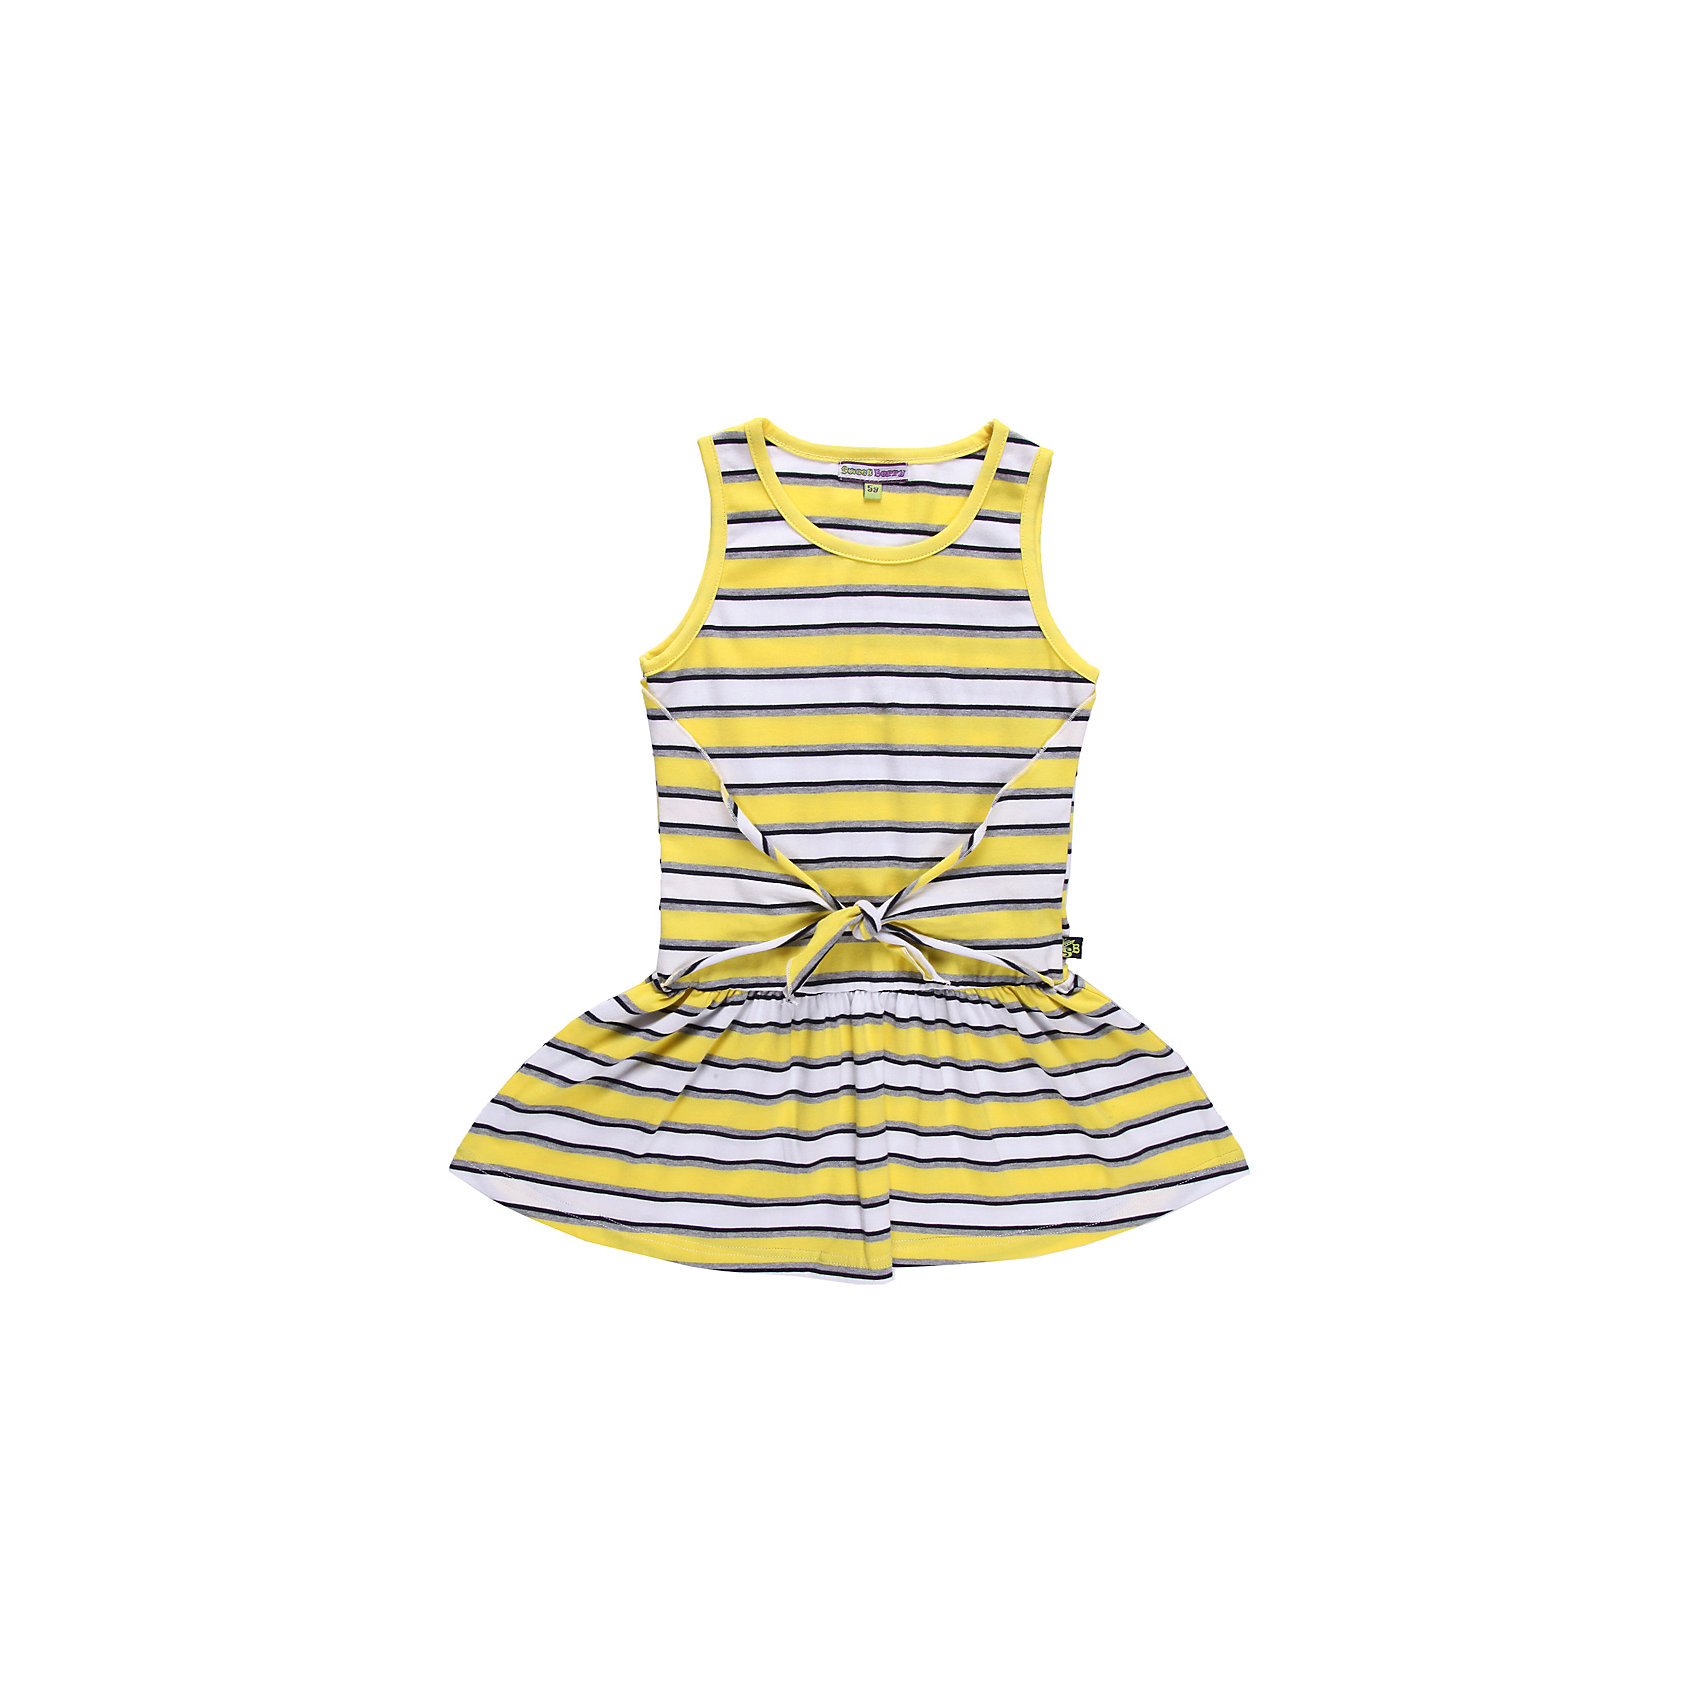 Платье для девочки Sweet BerryОригинальное платье из эластичного трикотажа  с имитацией запаха.<br>Состав:<br>95% хлопок, 5% эластан<br><br>Ширина мм: 236<br>Глубина мм: 16<br>Высота мм: 184<br>Вес г: 177<br>Цвет: разноцветный<br>Возраст от месяцев: 36<br>Возраст до месяцев: 48<br>Пол: Женский<br>Возраст: Детский<br>Размер: 104,110,116,122,128,98<br>SKU: 4520753